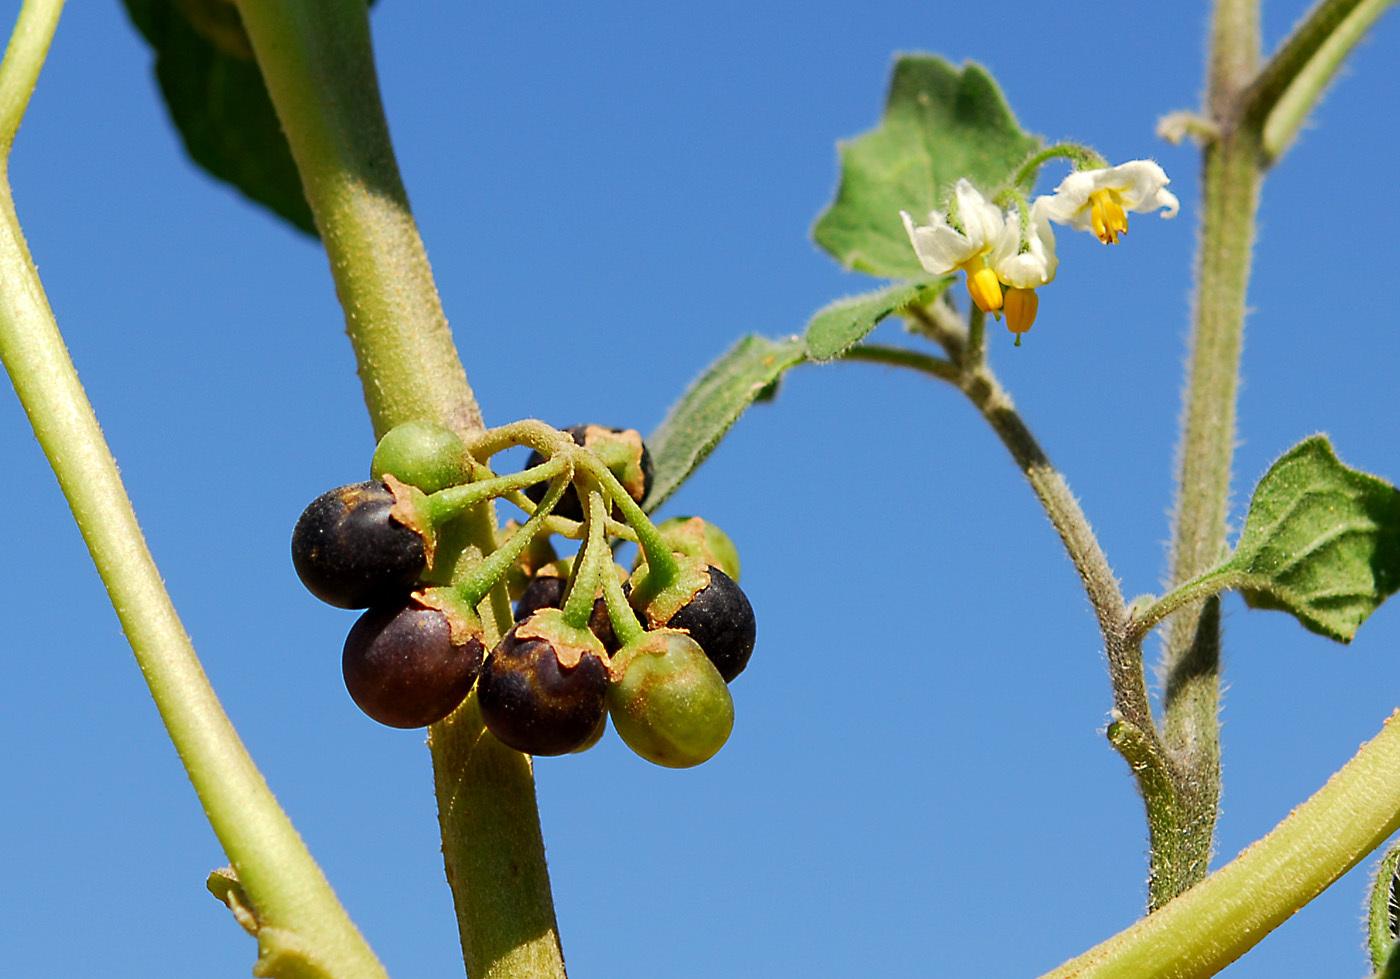 https://pictures.bgbm.org/digilib/Scaler?fn=Cyprus/Solanum_nigrum_C1.jpg&mo=file